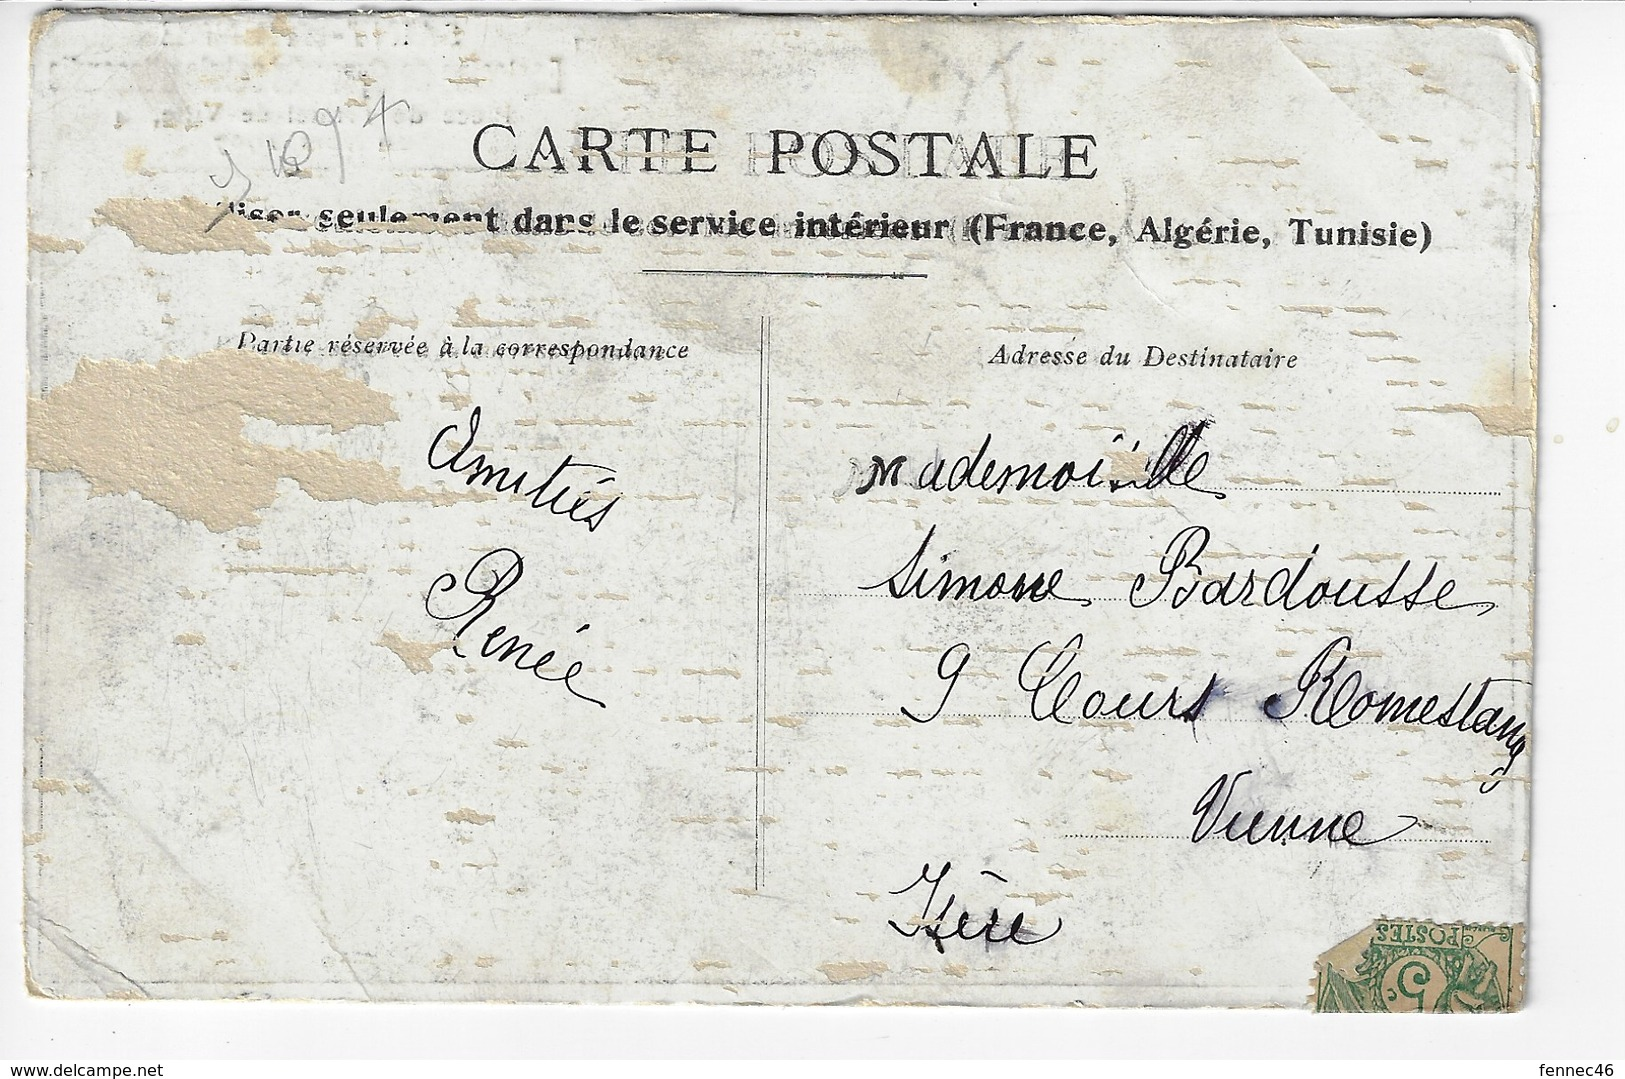 42 - SAINT ETIENNE - Explosion De Dynamite Suivie D'incendie - Place De L'Hôtel De Ville, 4, 20 Mars 1907 - Animée(Y109) - Saint Etienne